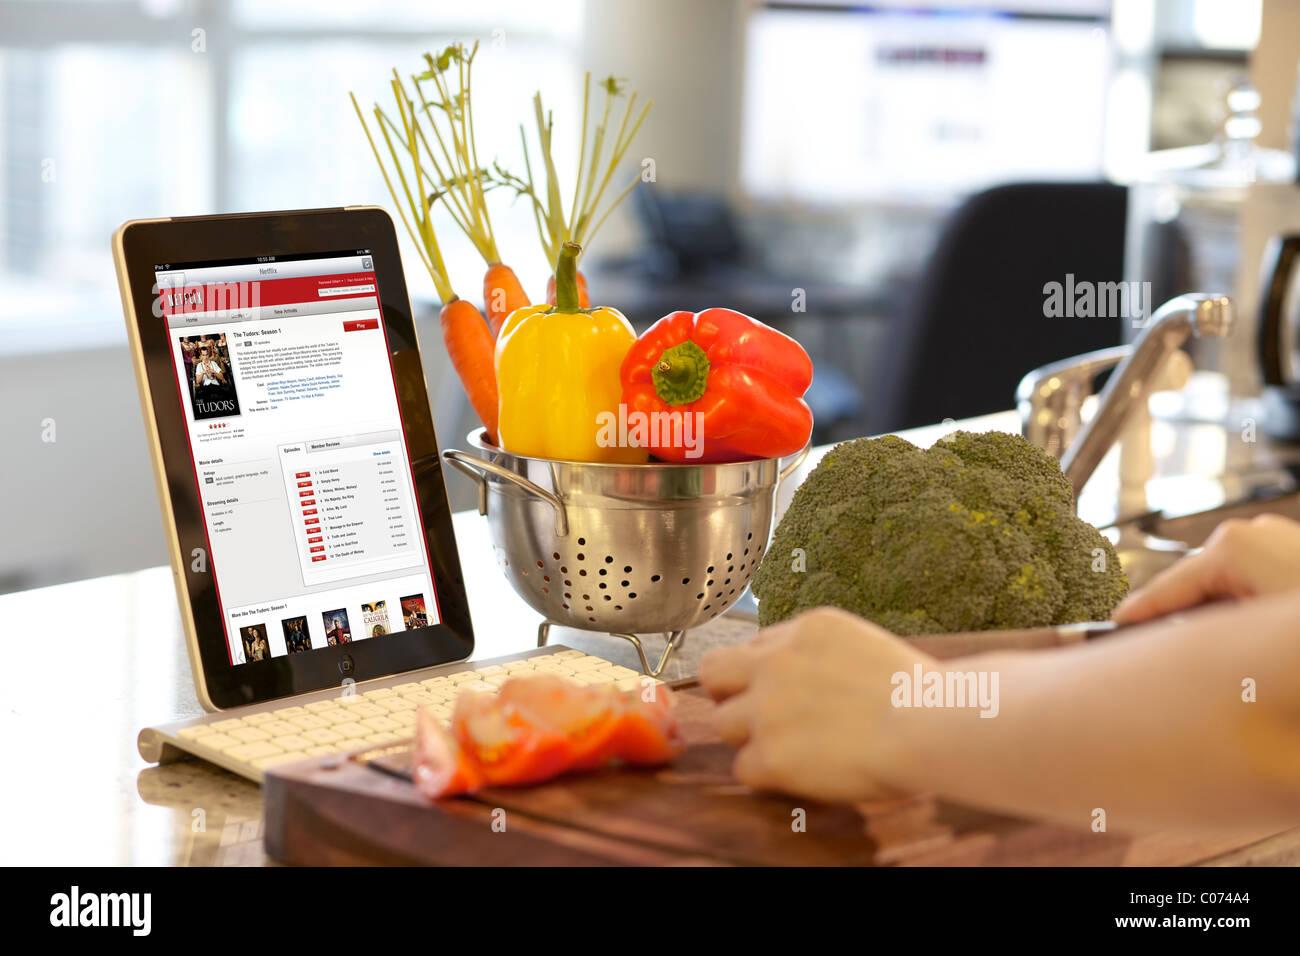 Femme occupée la cuisson dans la cuisine tout en parcourant les films sur son iPad de Netflix Photo Stock